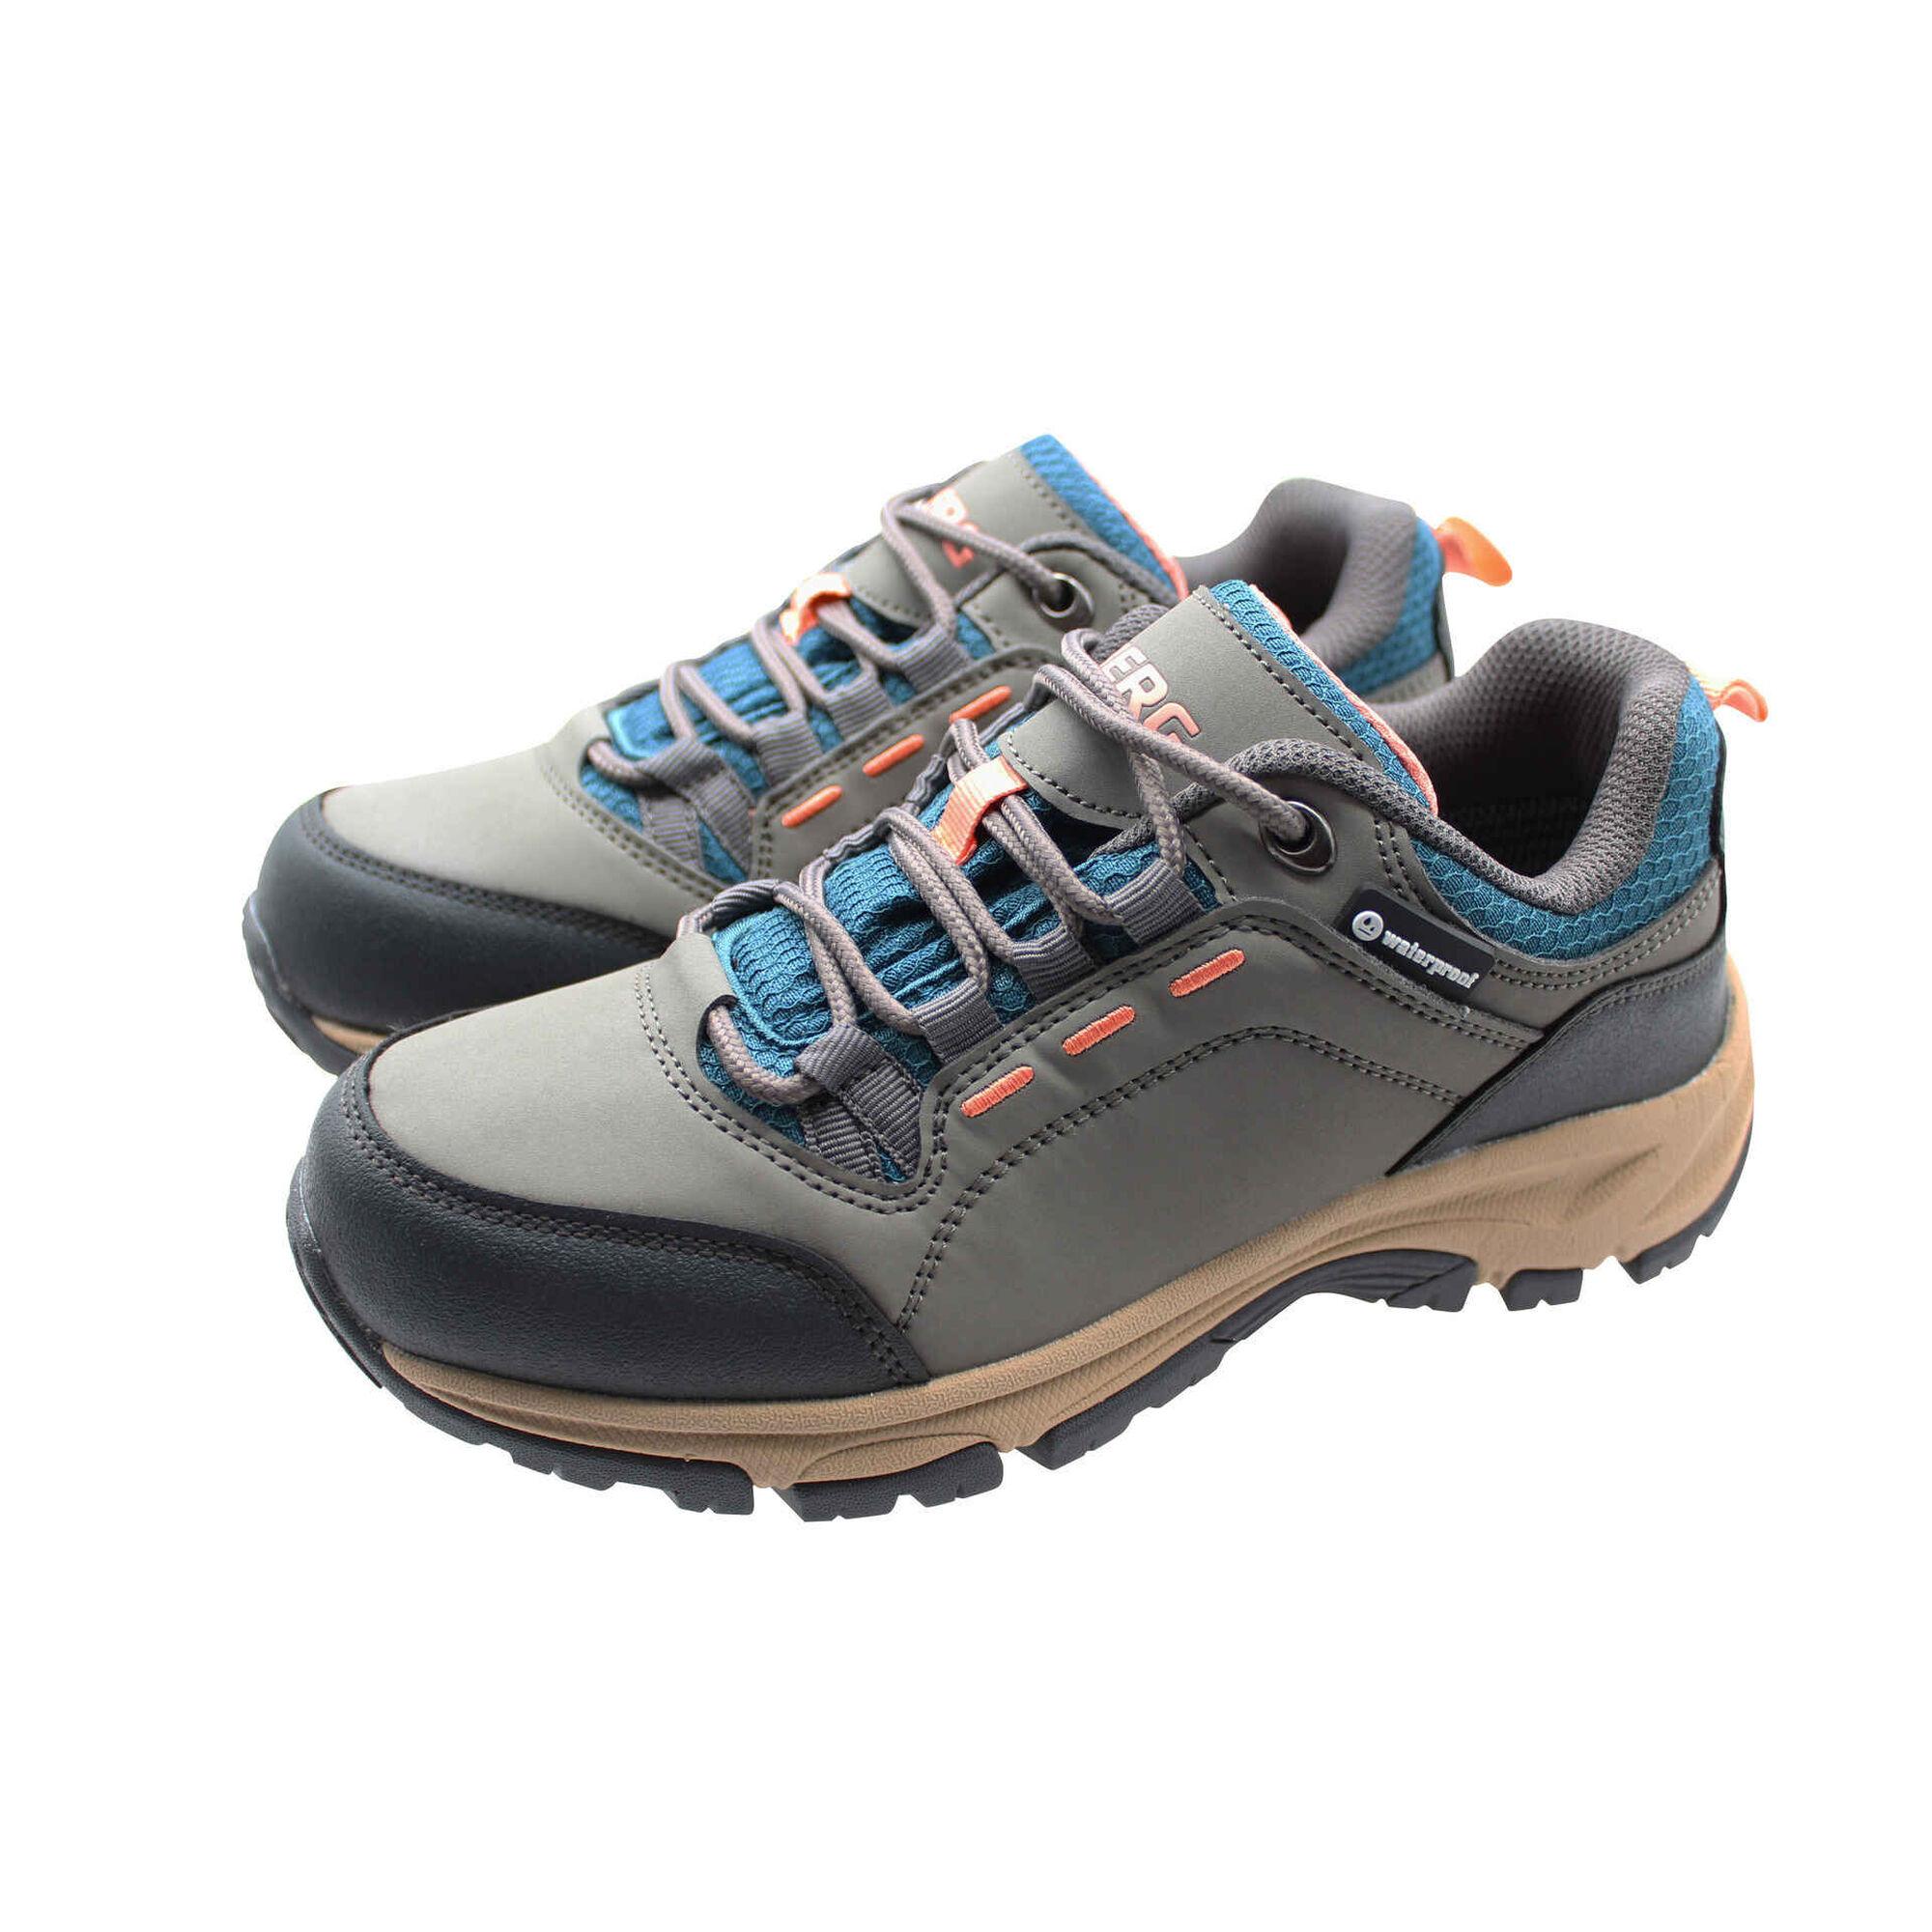 Sapatos Caminhada Impermeáveis Cinza Grudy